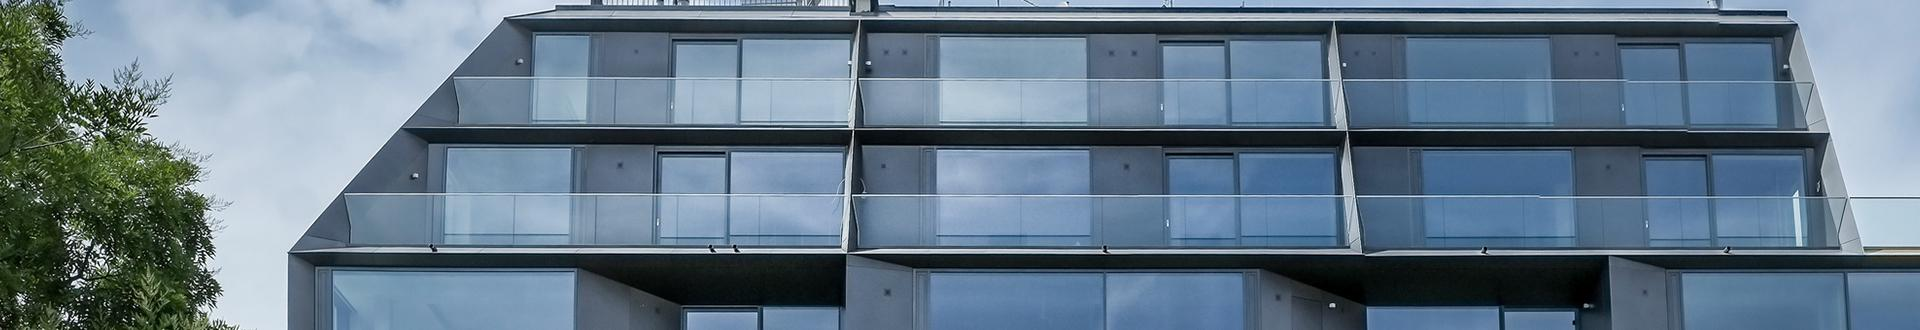 Blok segmentowy w nowoczesnej zabudowie z tarasem